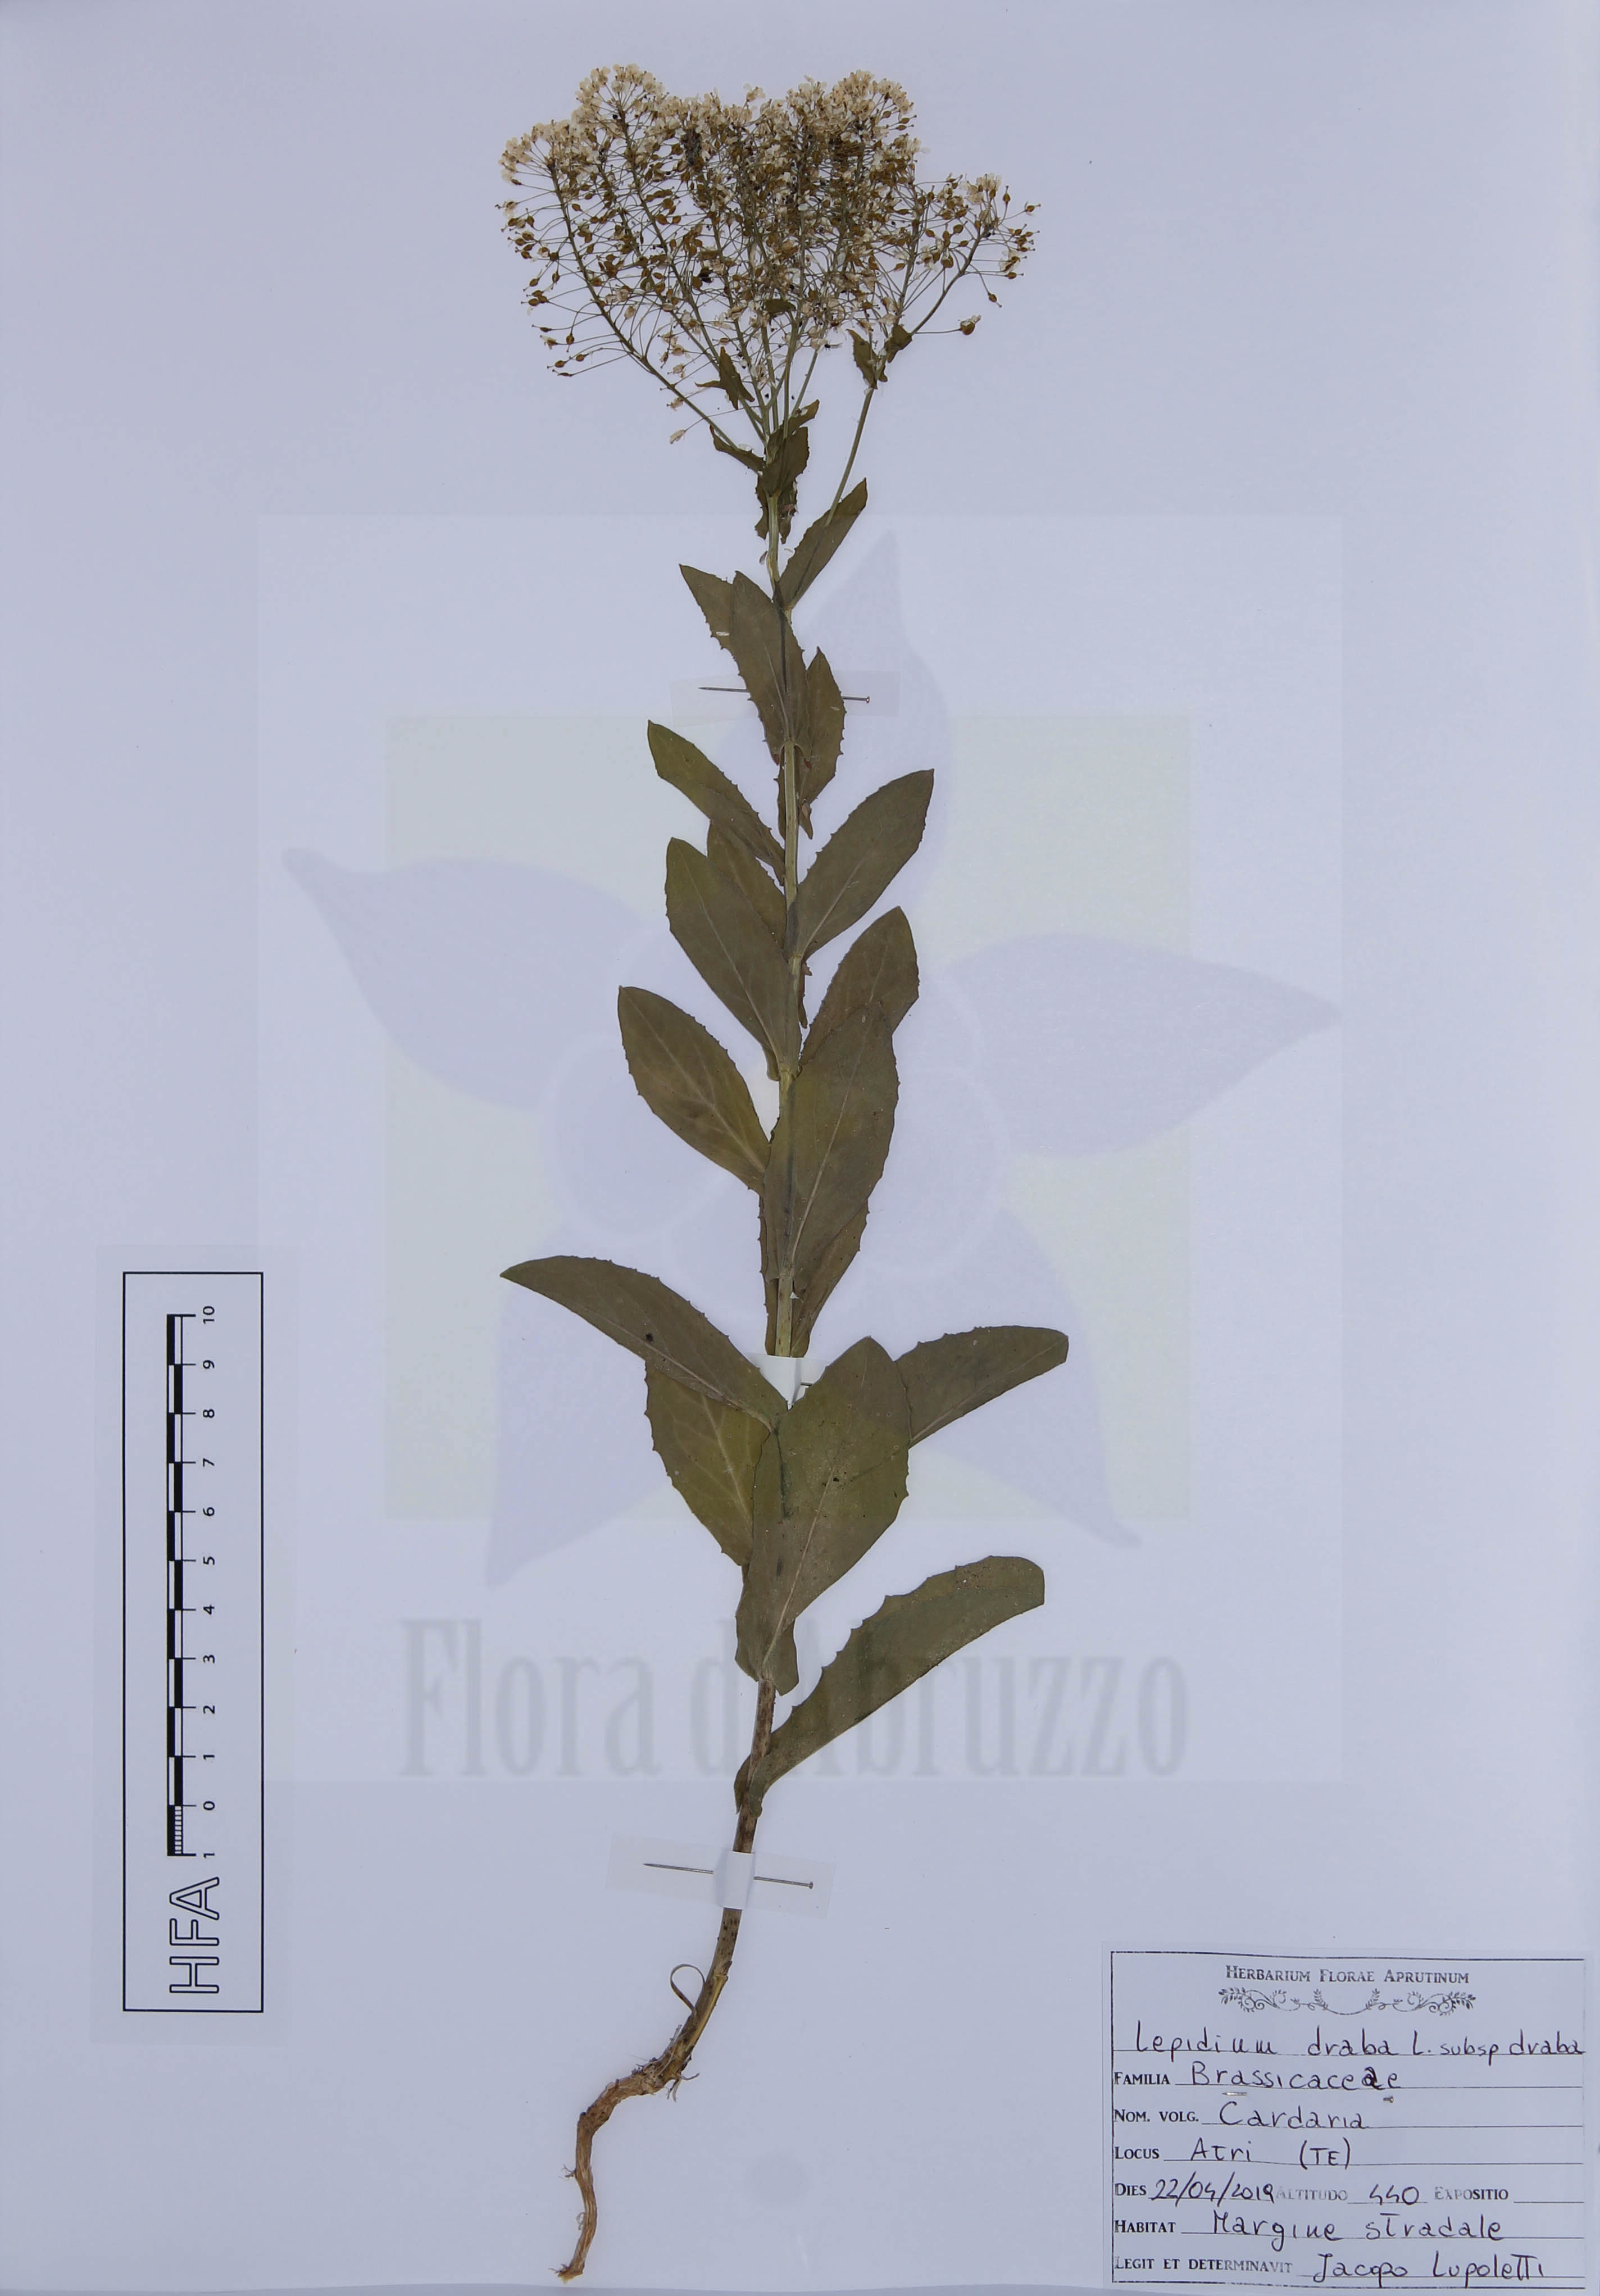 Lepidium draba L. subsp. draba